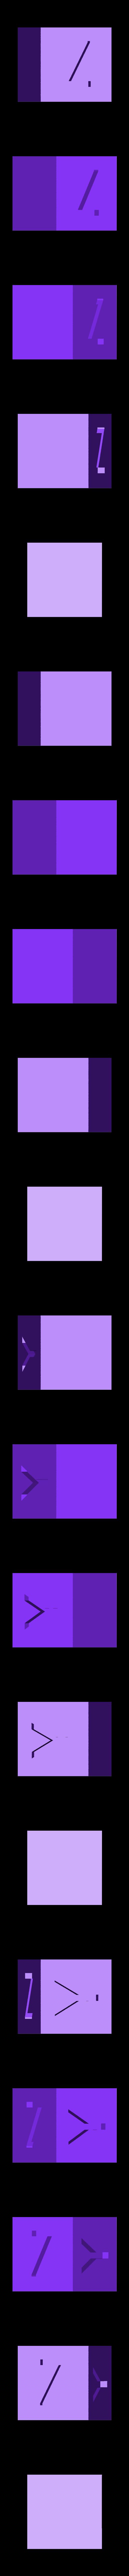 xyzCalibration_cube.stl Télécharger fichier STL gratuit Anycubic 4Max pro Simplify3d PLA profil et correction de bugs du firmware • Design à imprimer en 3D, faisca2000